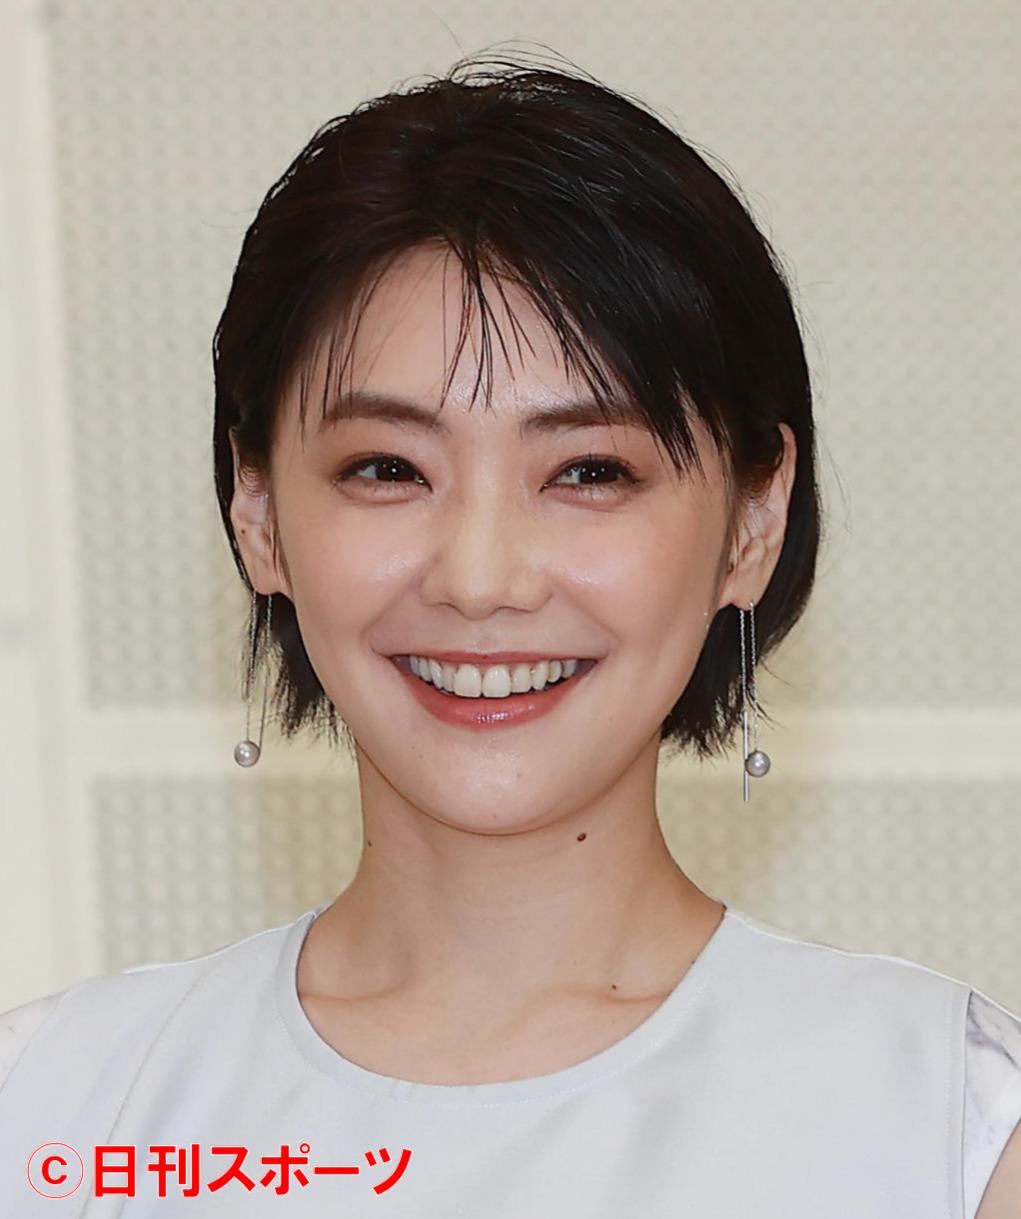 倉科カナ(2021年4月19日撮影)